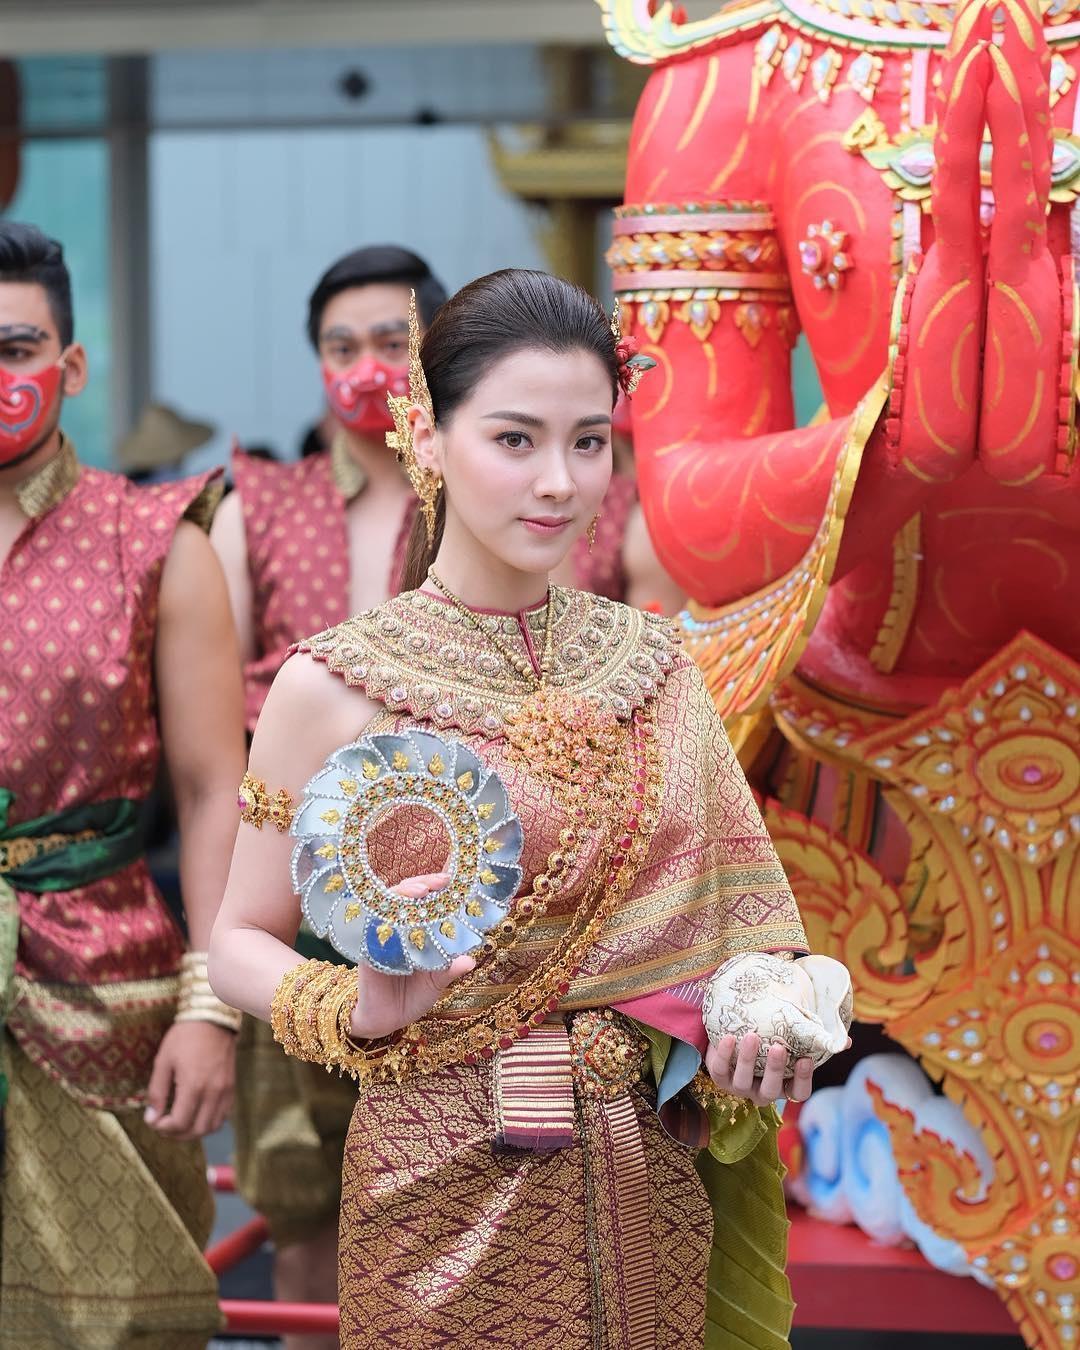 nu chinh chiec la cuon bay khoe loat anh hoi be chung minh nhan sac khong dao keo